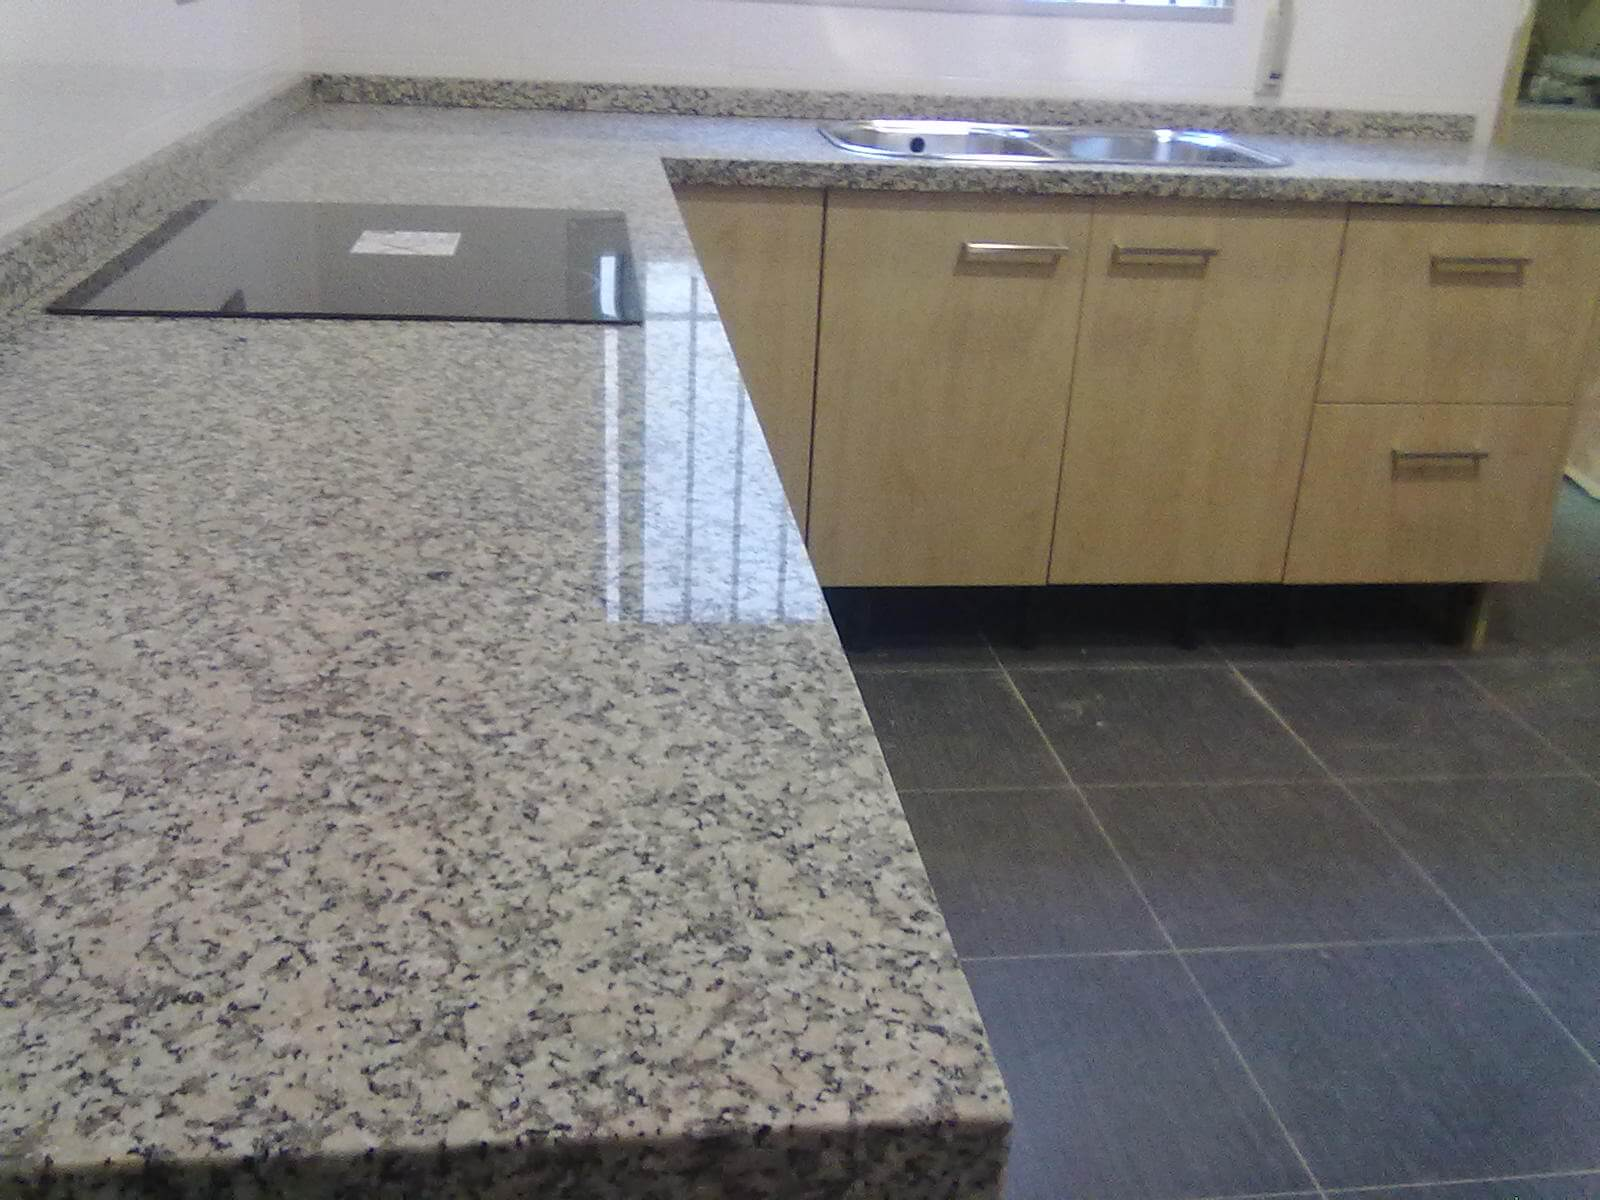 Encimeras de granito como elegir la encimera perfecta for Colores de granito para encimeras de cocina